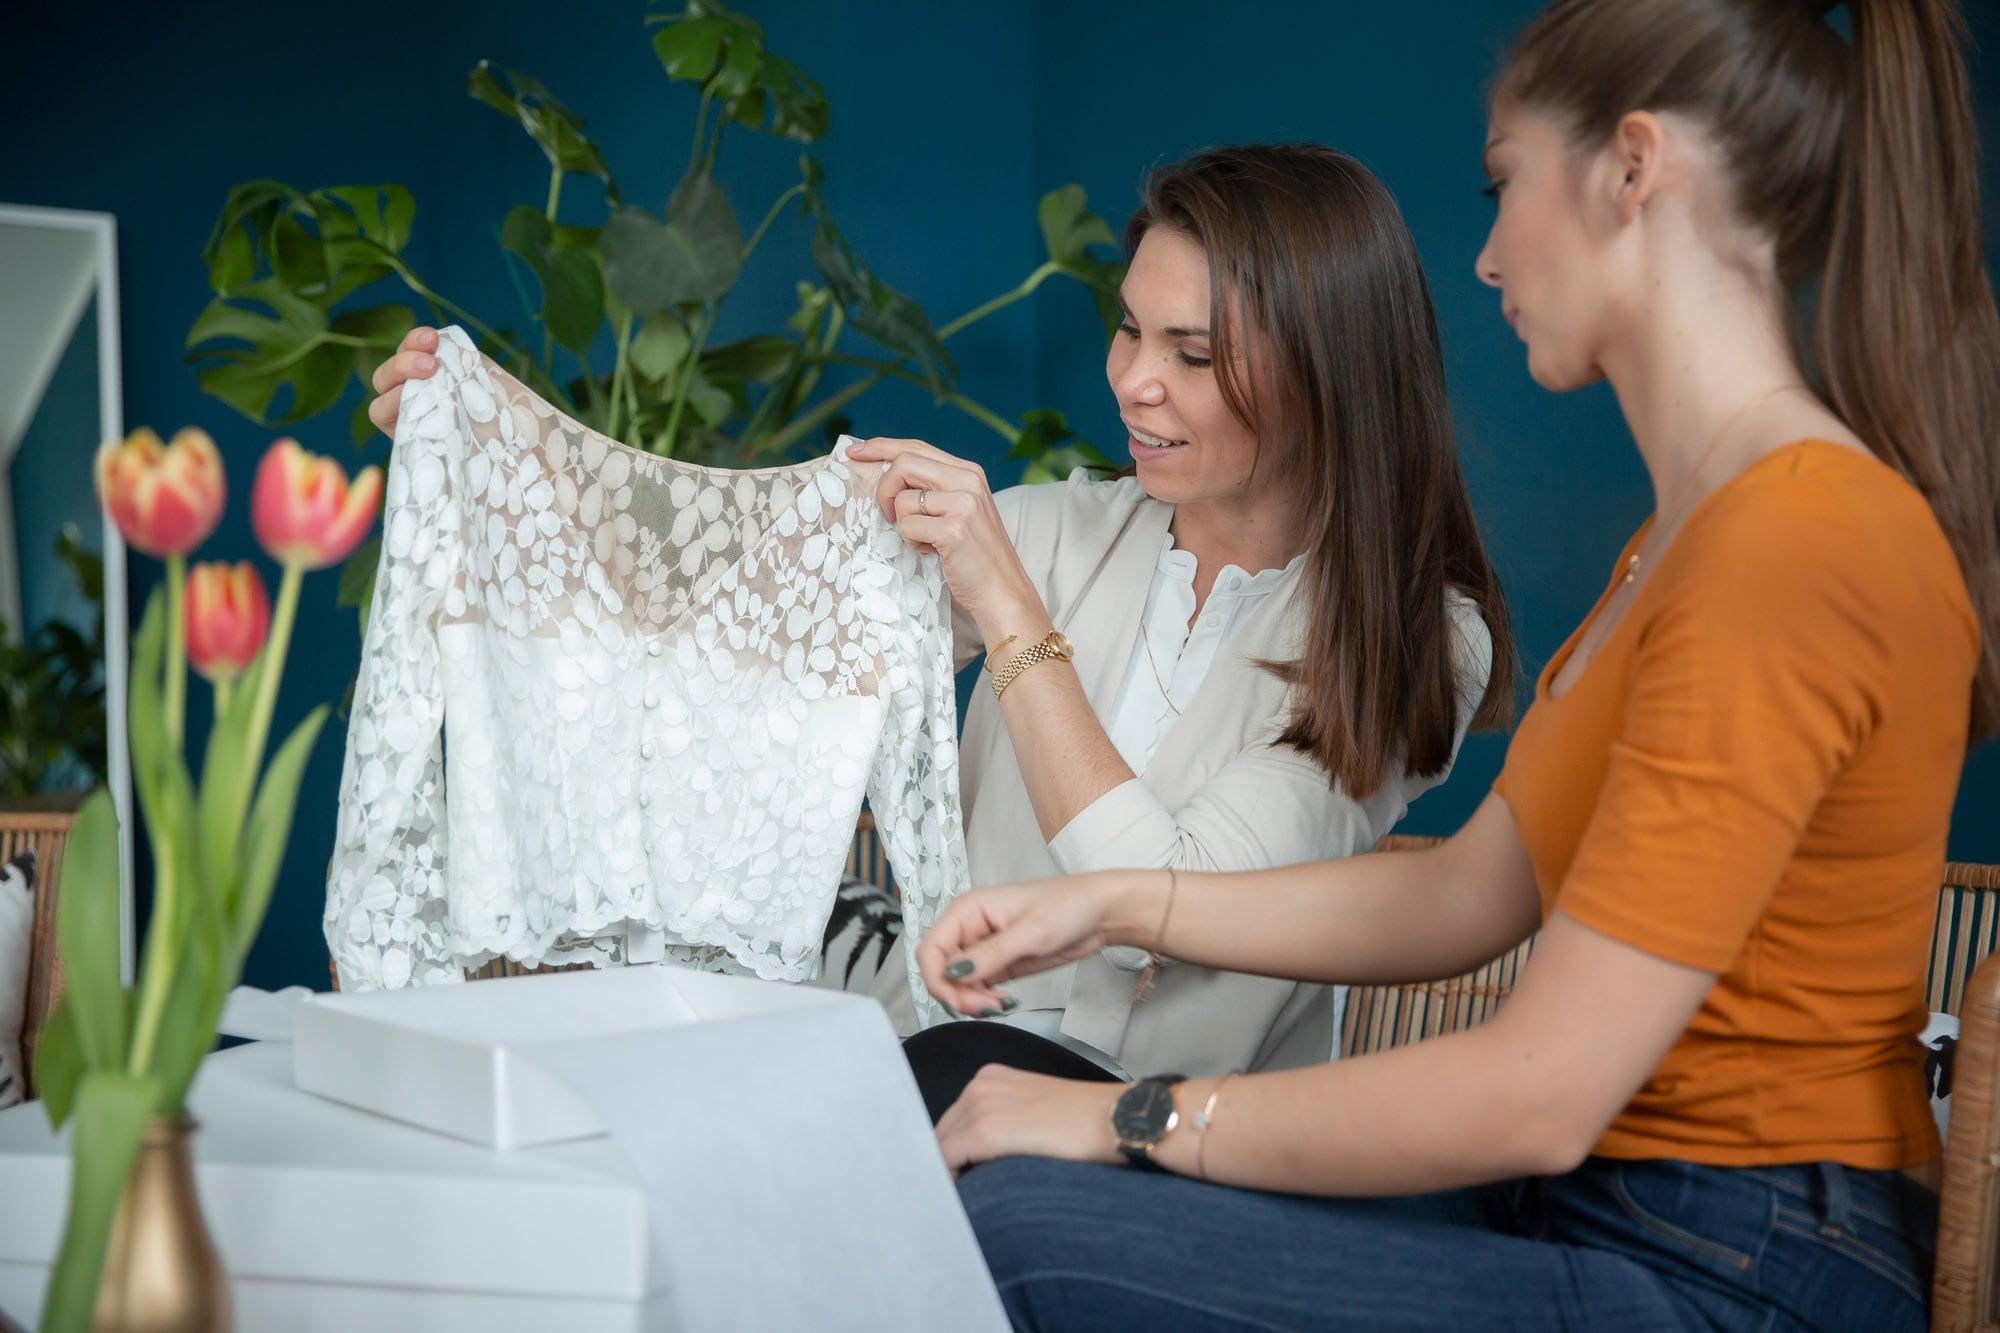 noni Brautkleid kaufen, Moodbild, Freundinnen in Wohnzimmer beim Auspacken von Brautkleid-Sendung